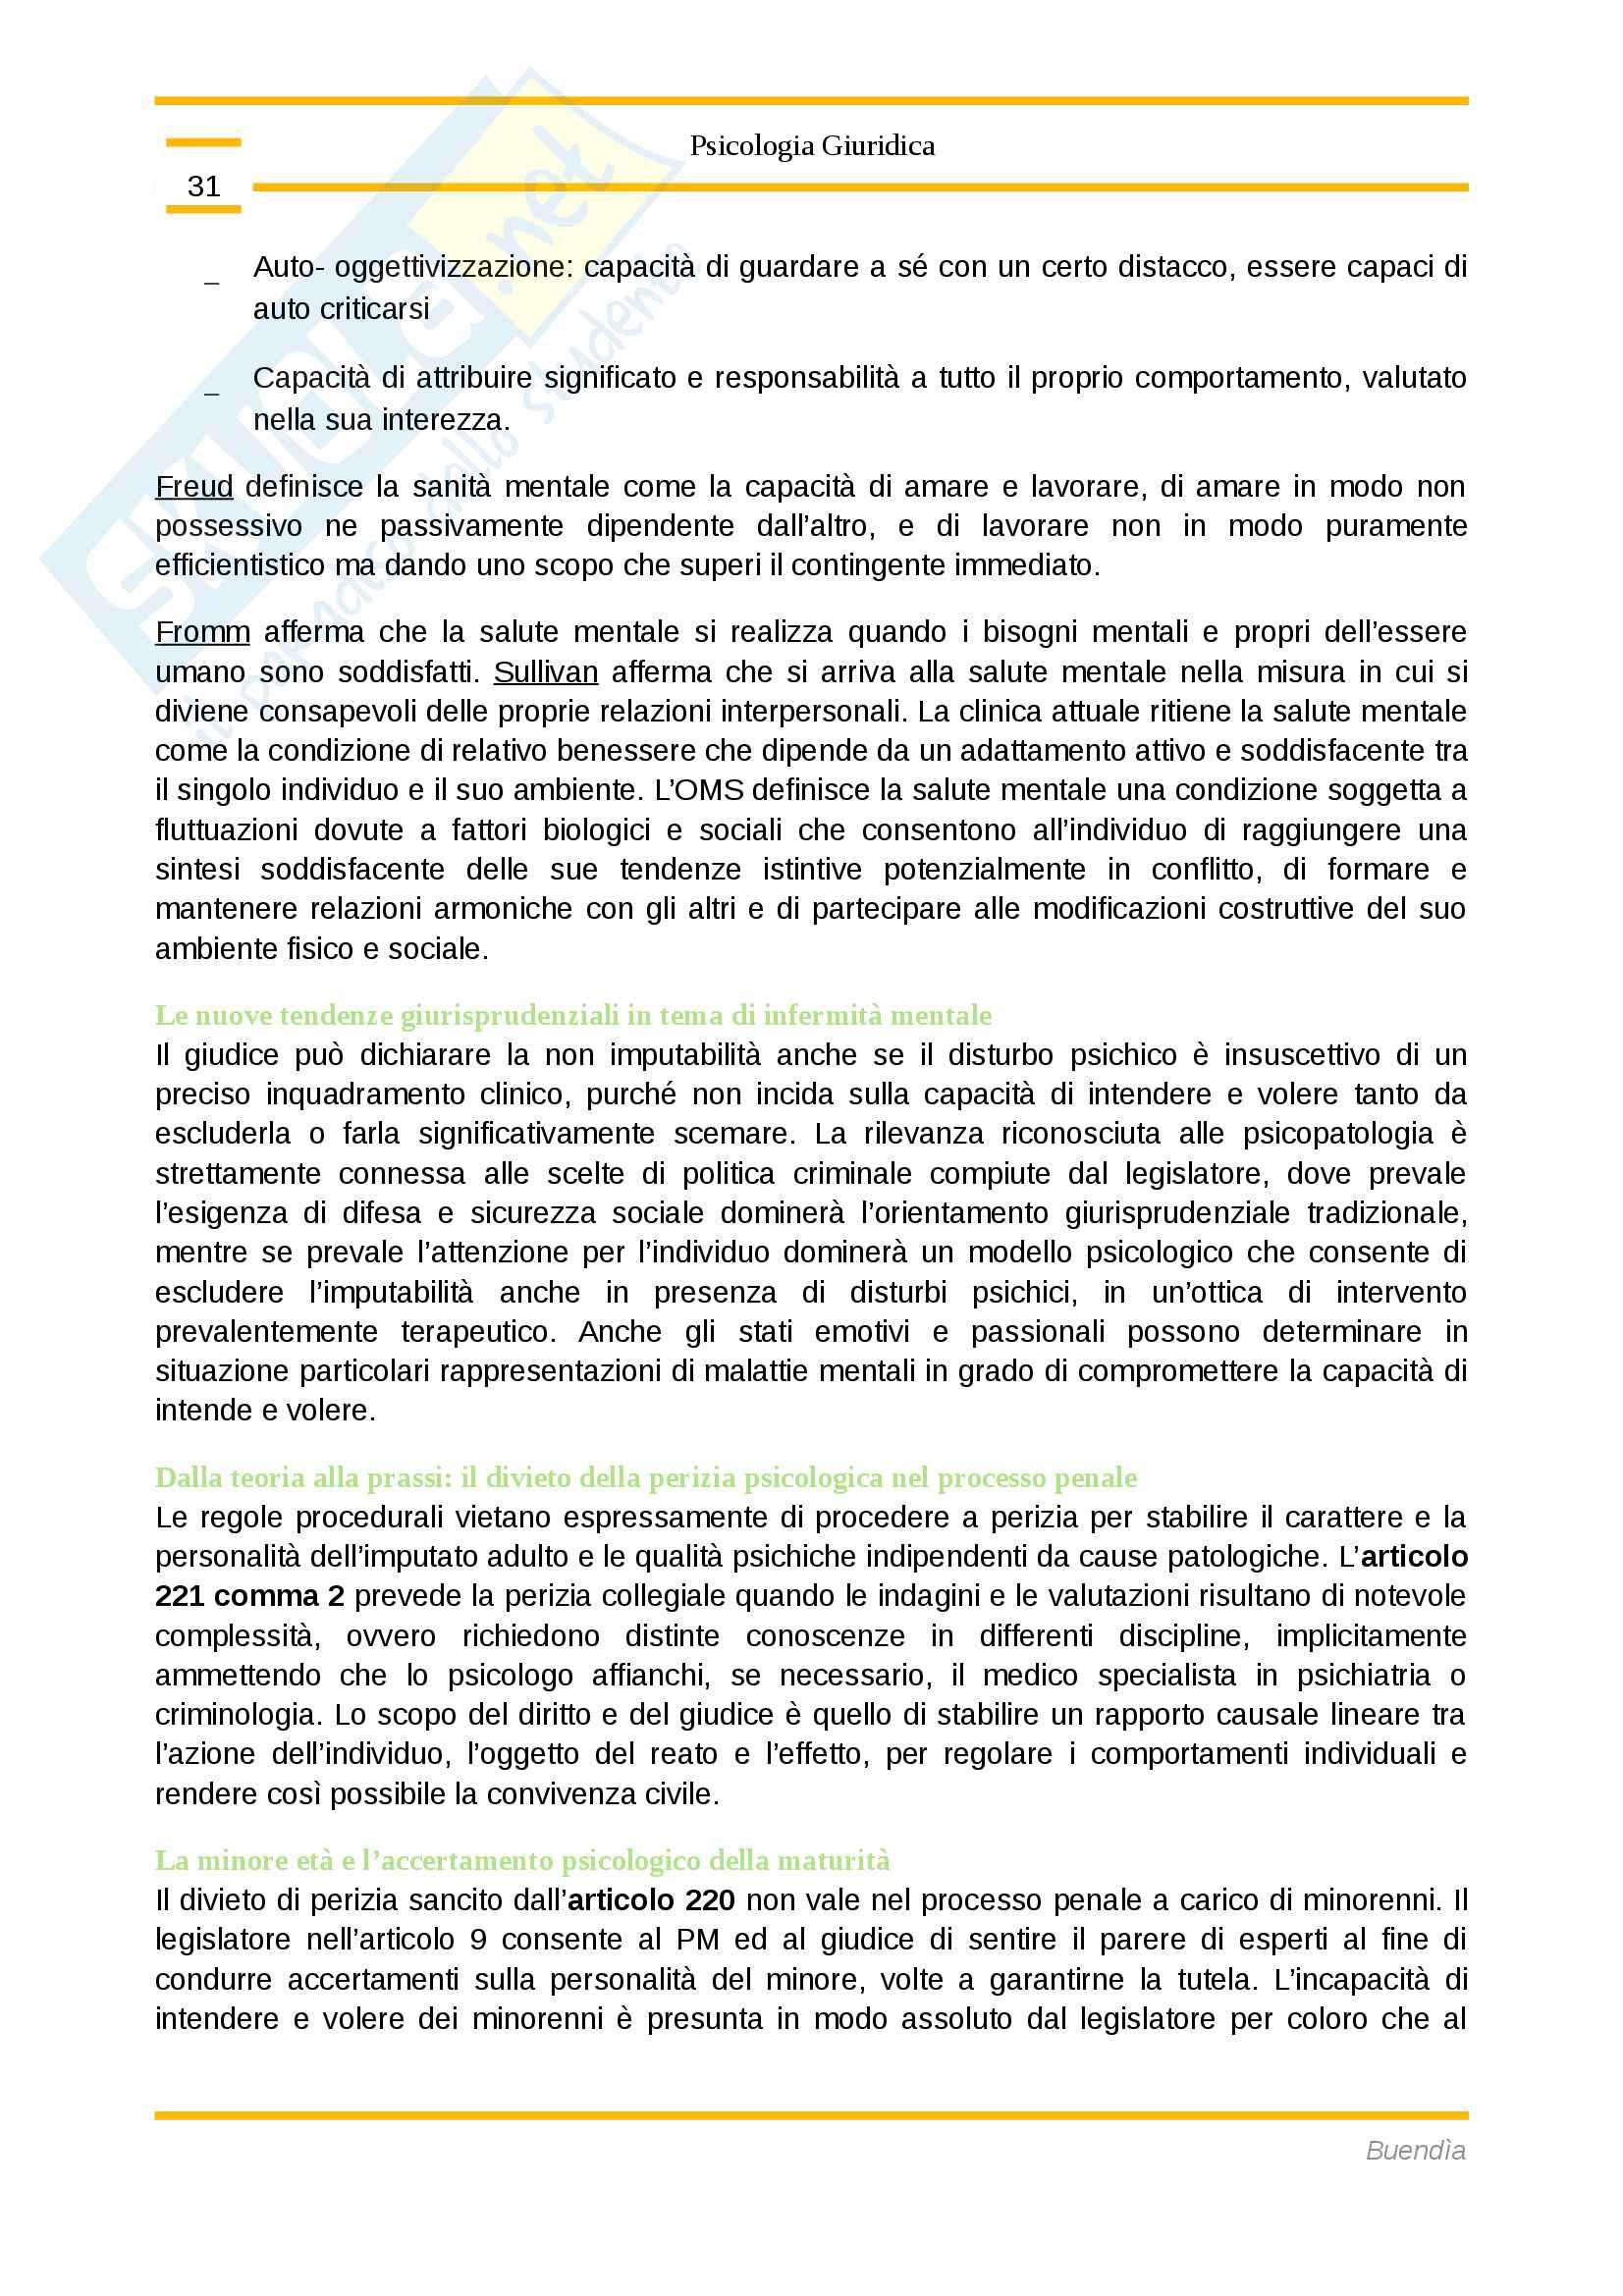 Riassunto esame Psicologia Giuridica, Prof. Elena Magrin Pag. 31